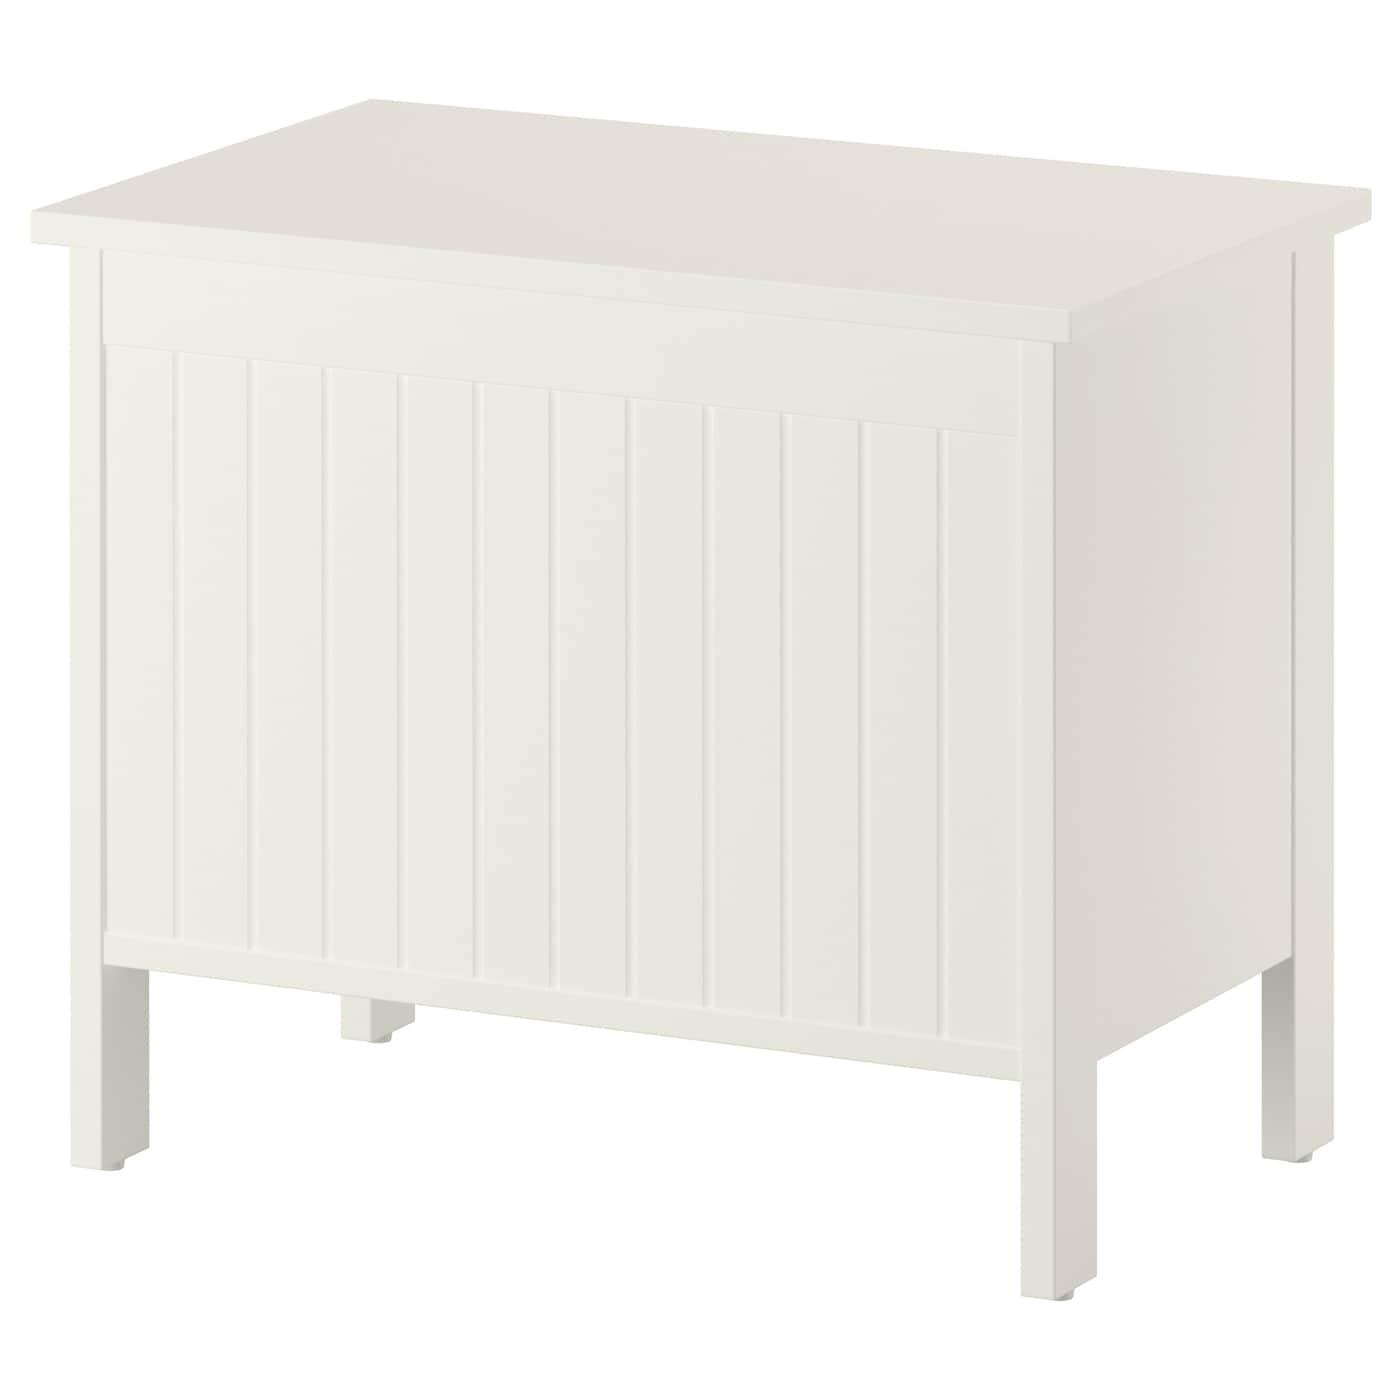 SILVERÅN | Wohnzimmer > Truhen | Weiß | Abs | IKEA